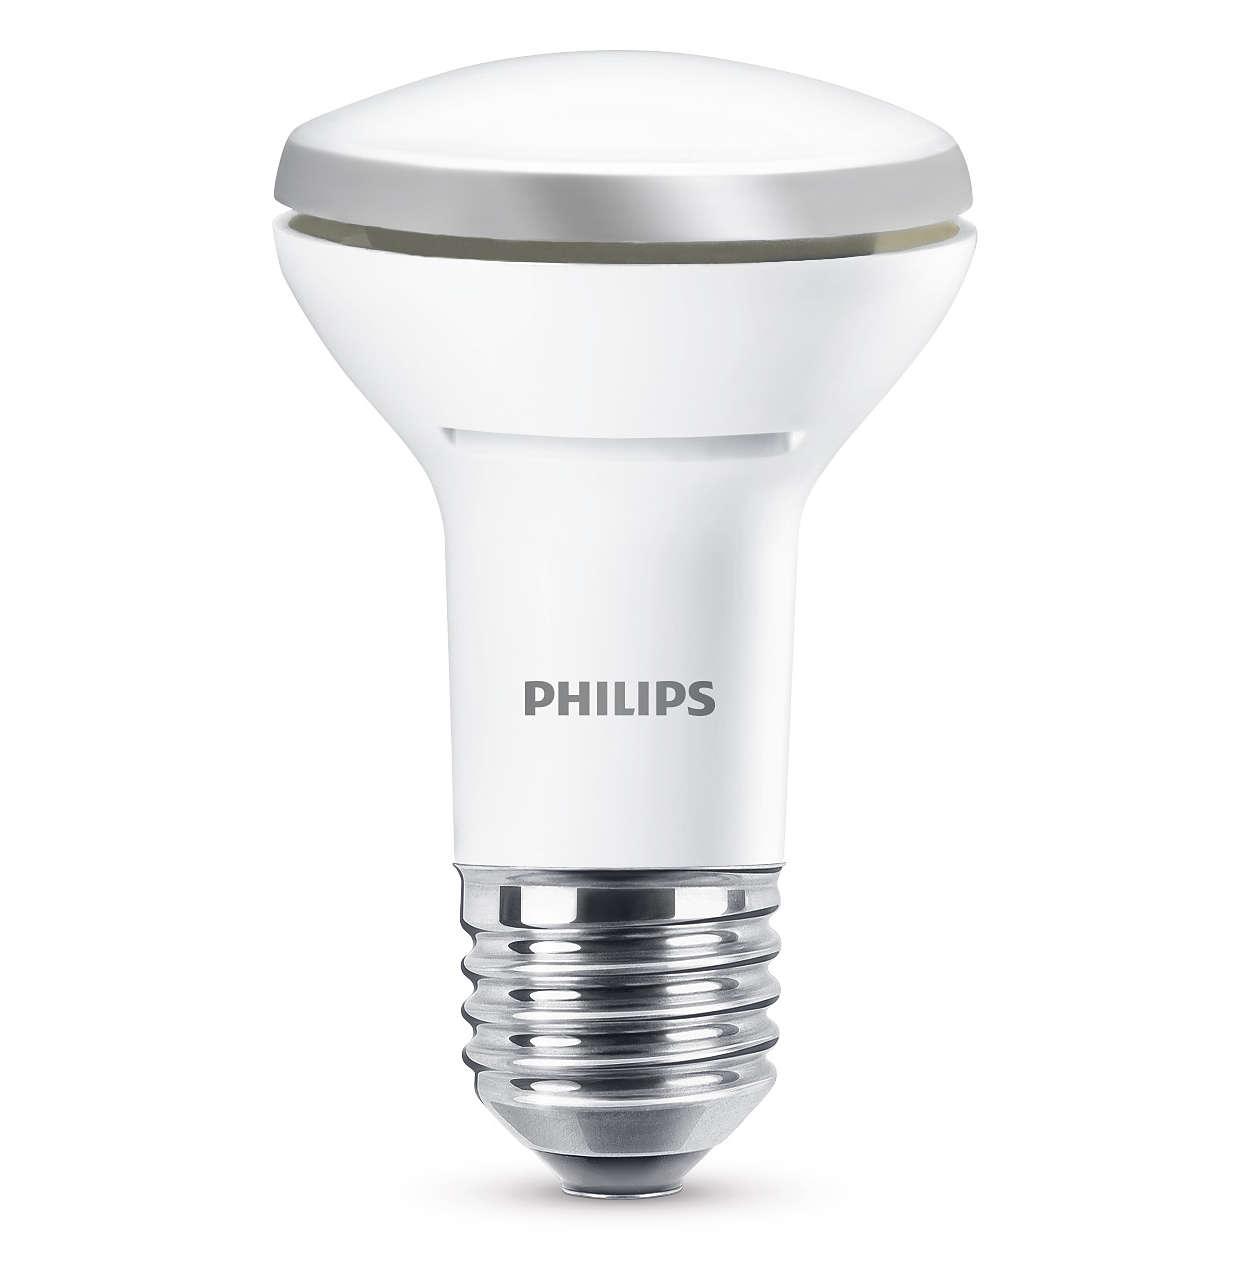 Ilgai veikiantis koncentruotas dekoratyvinis LED apšvietimas